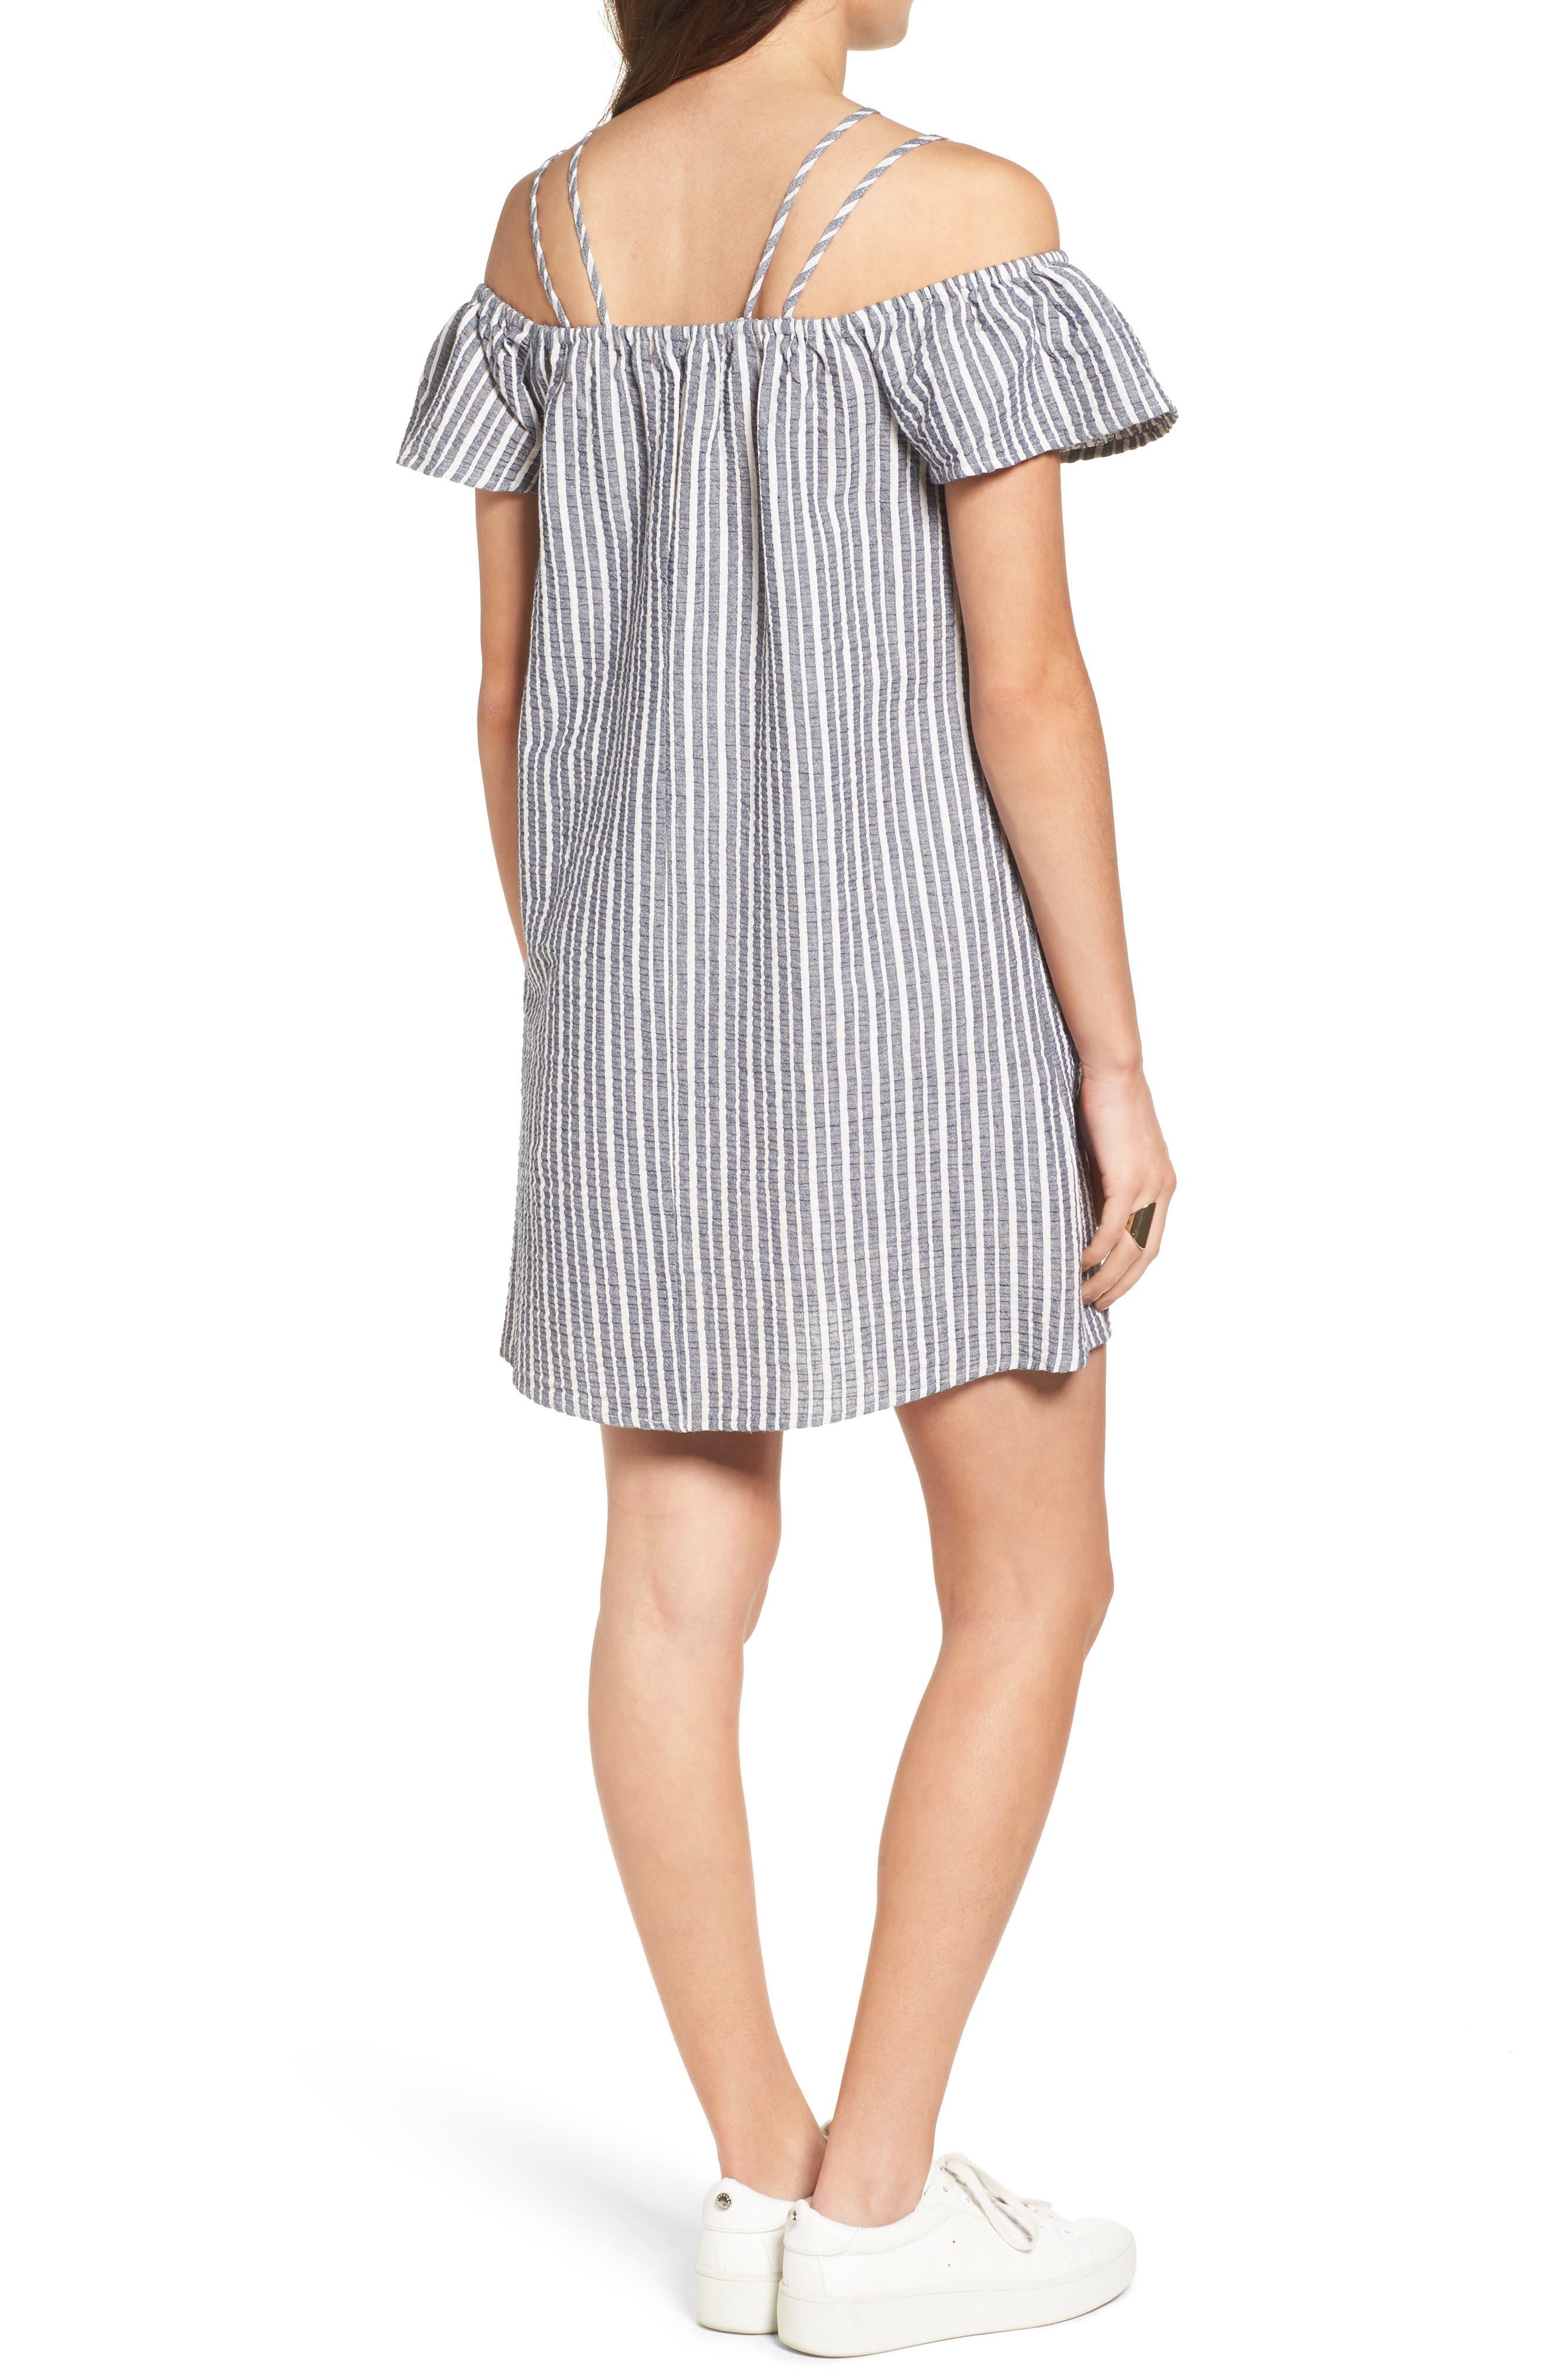 Alternate Image 2  - Lush Stripe Off the Shoulder Dress